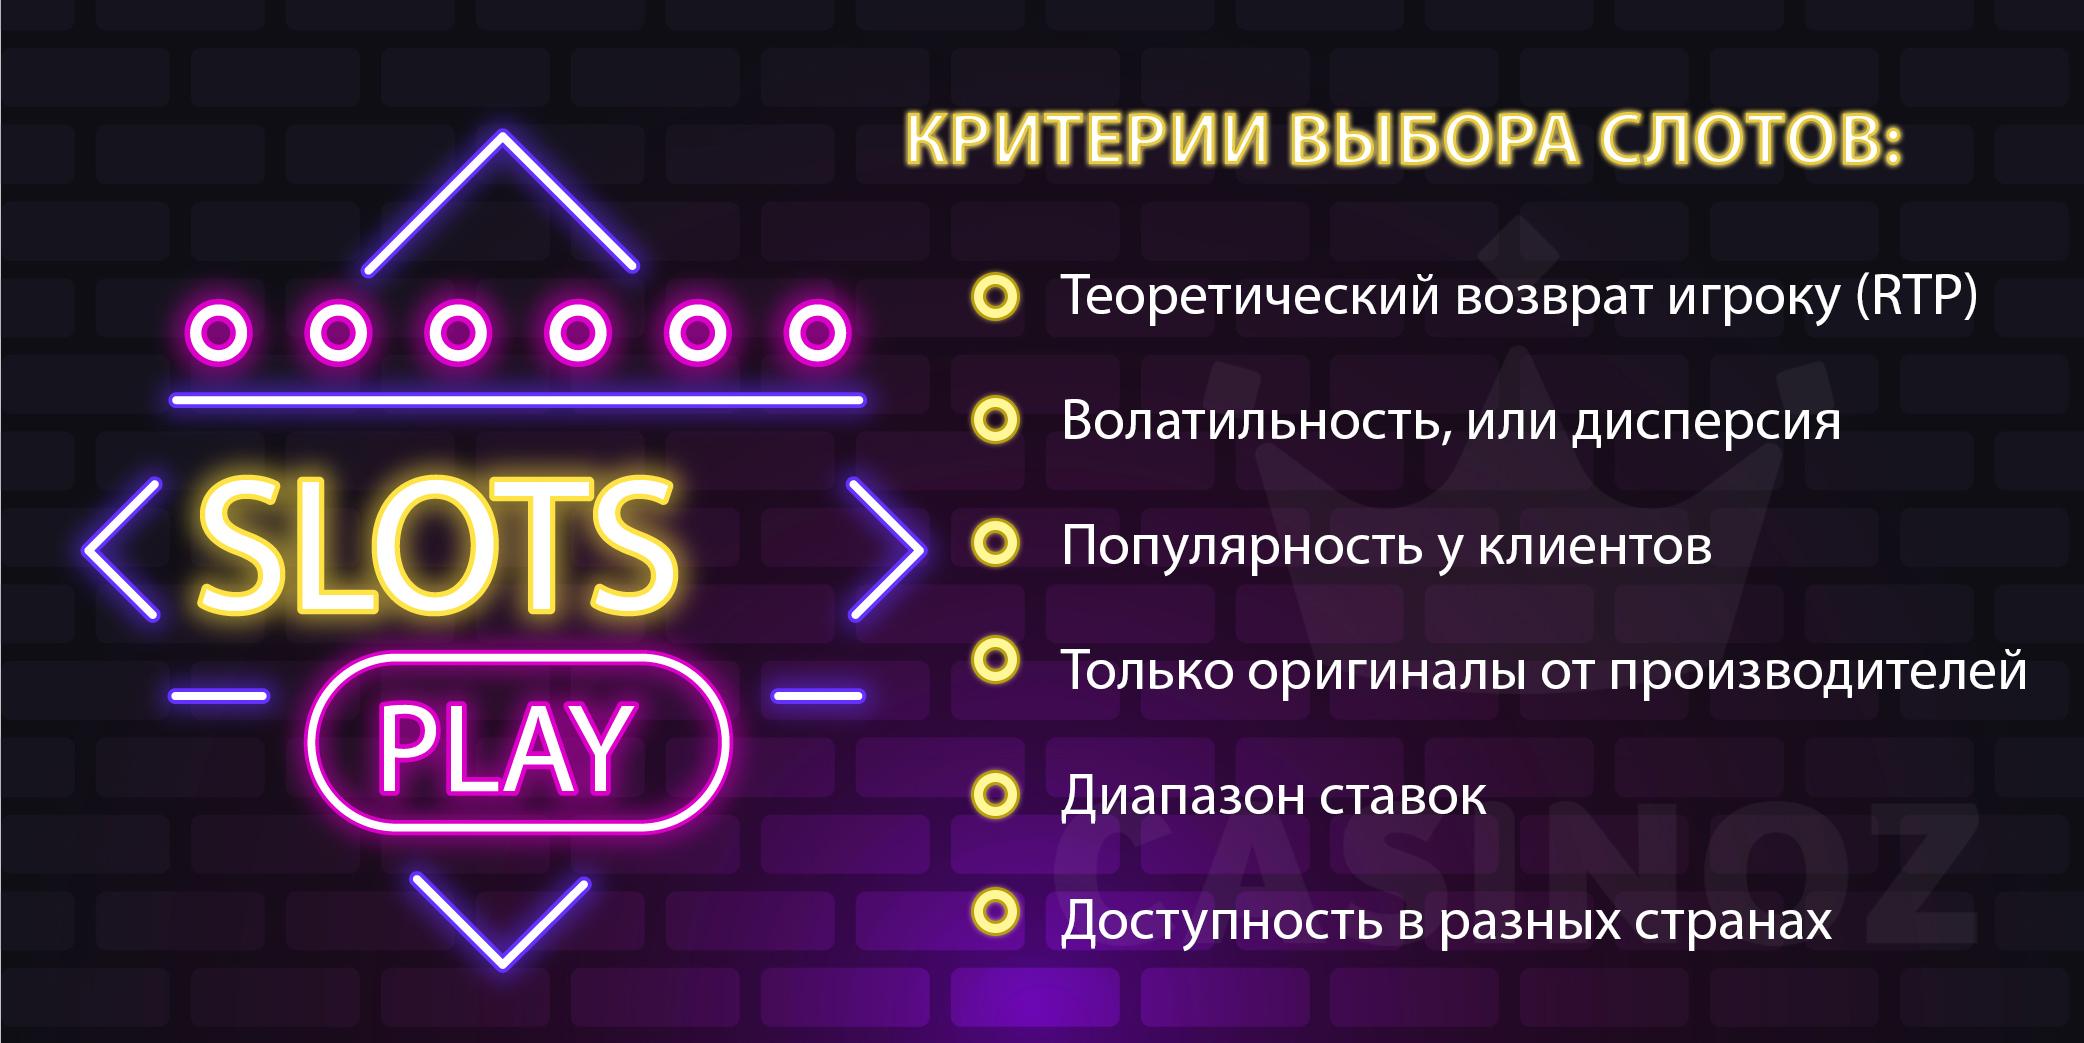 Игровые автоматы дающие максимальную прибыль игровые автоматы в ульяновске новый город рейтинг слотов рф